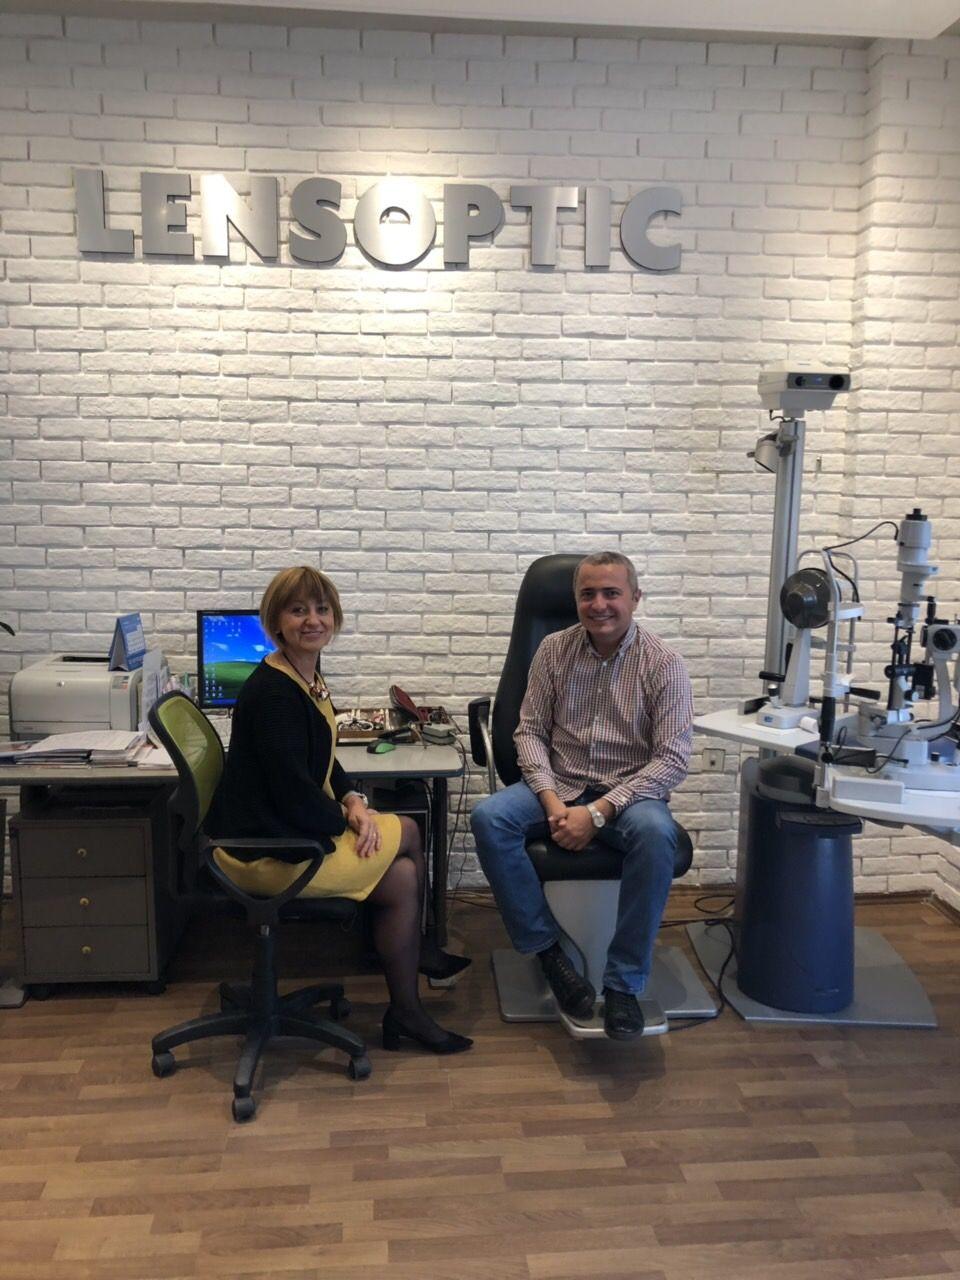 Lensoptic